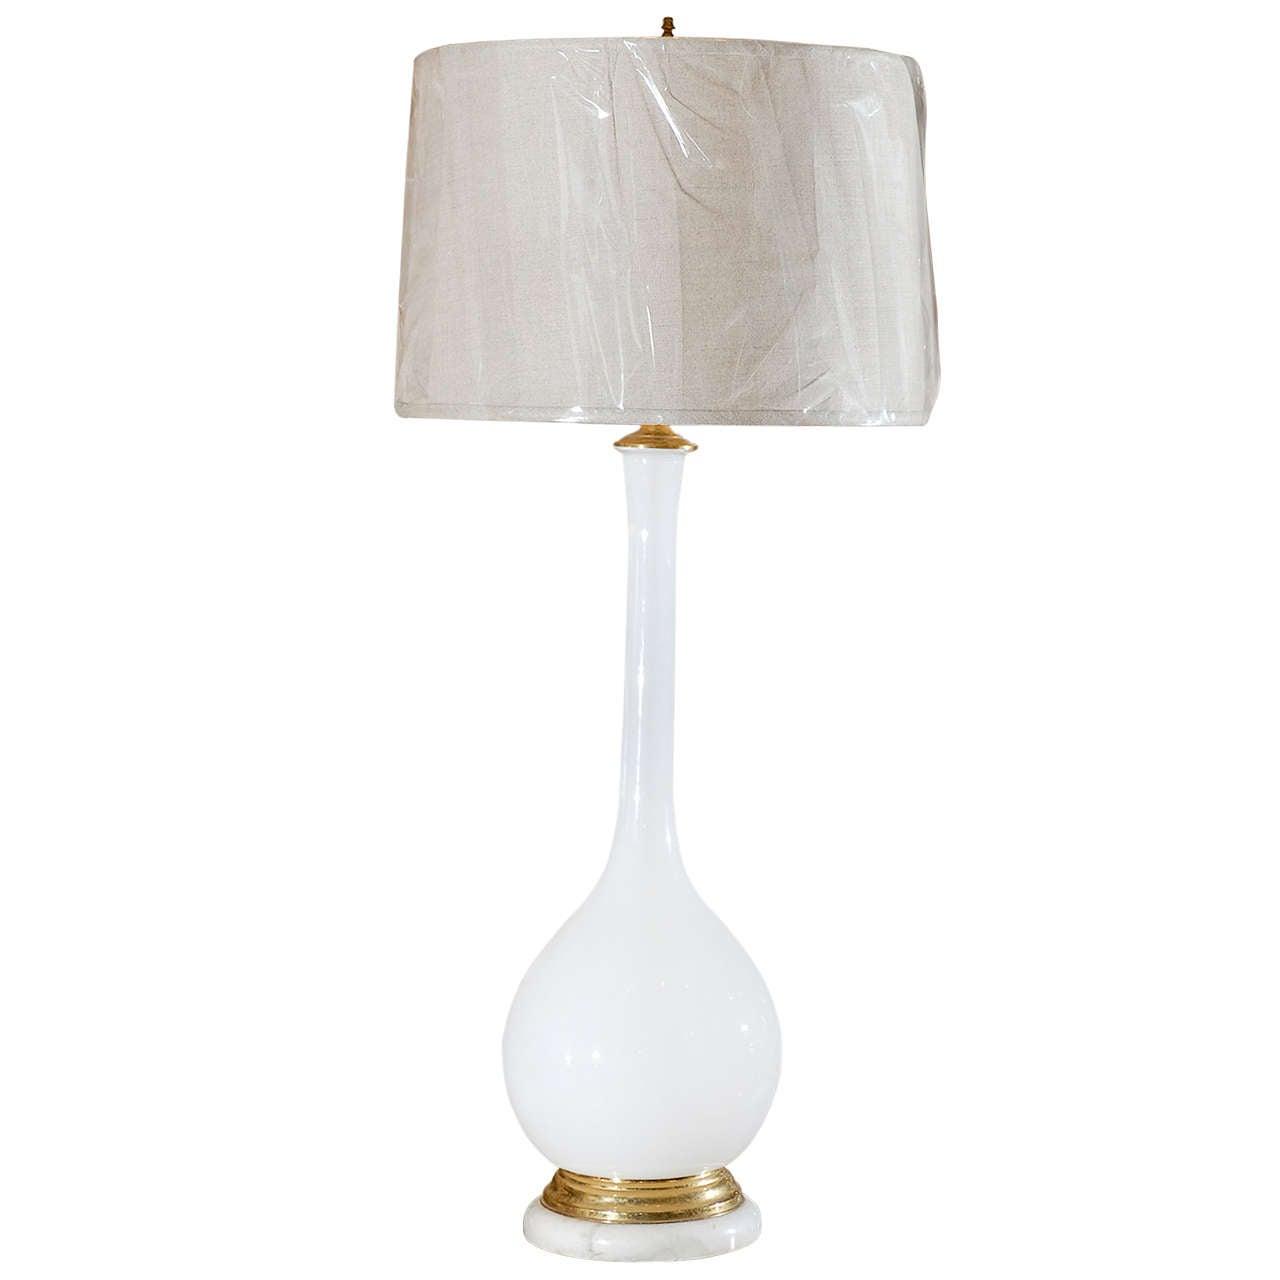 Midcentury Murano White Glass Lamp